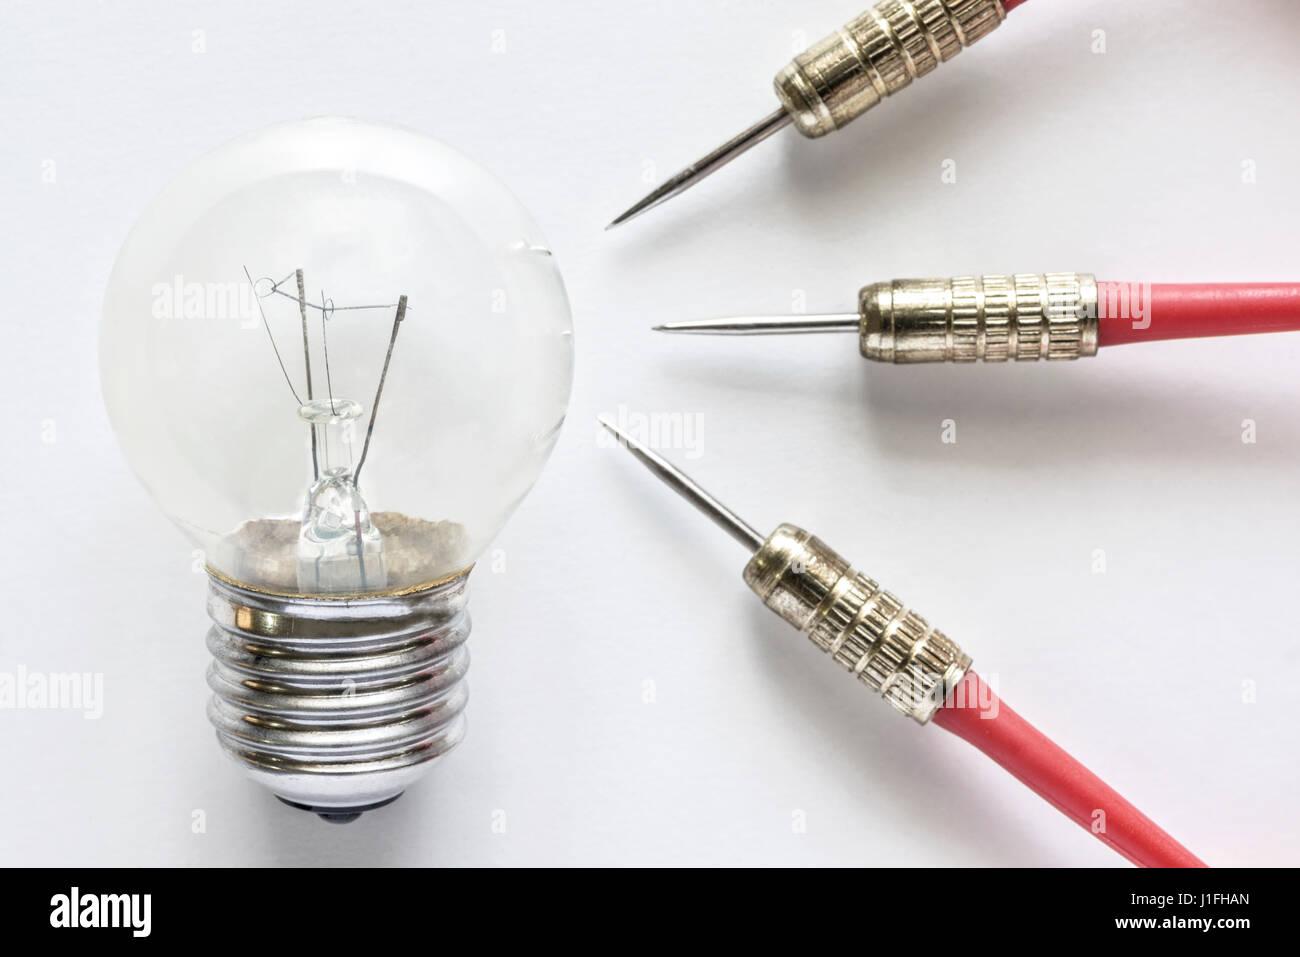 Primo piano lampadina lampada con tre dart su sfondo bianco, idea e il successo del business concept Immagini Stock